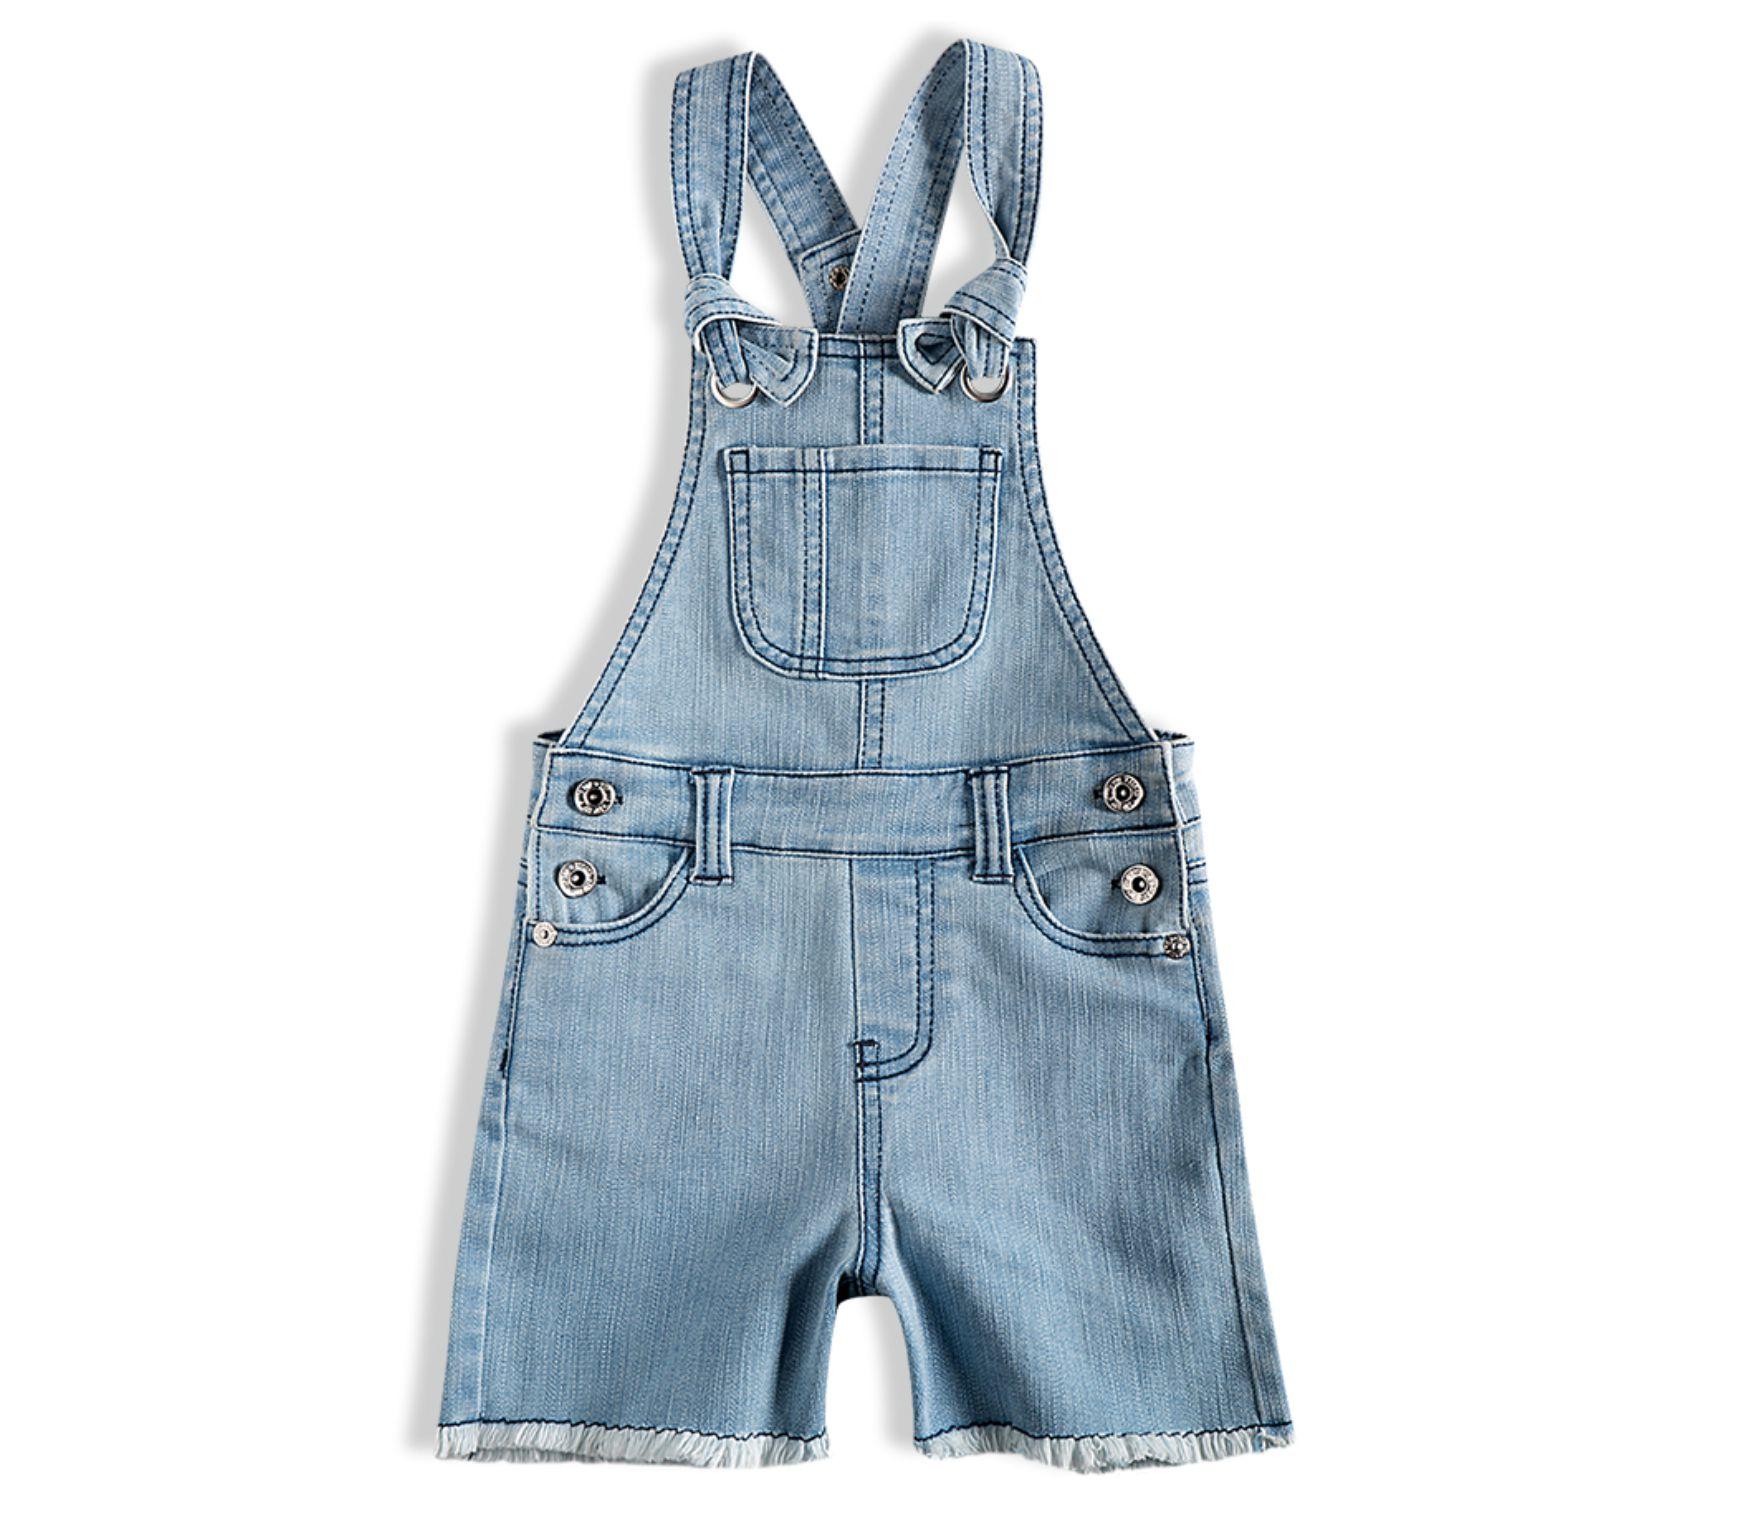 Jardineira bebê jeans - Tip Top - 13500100